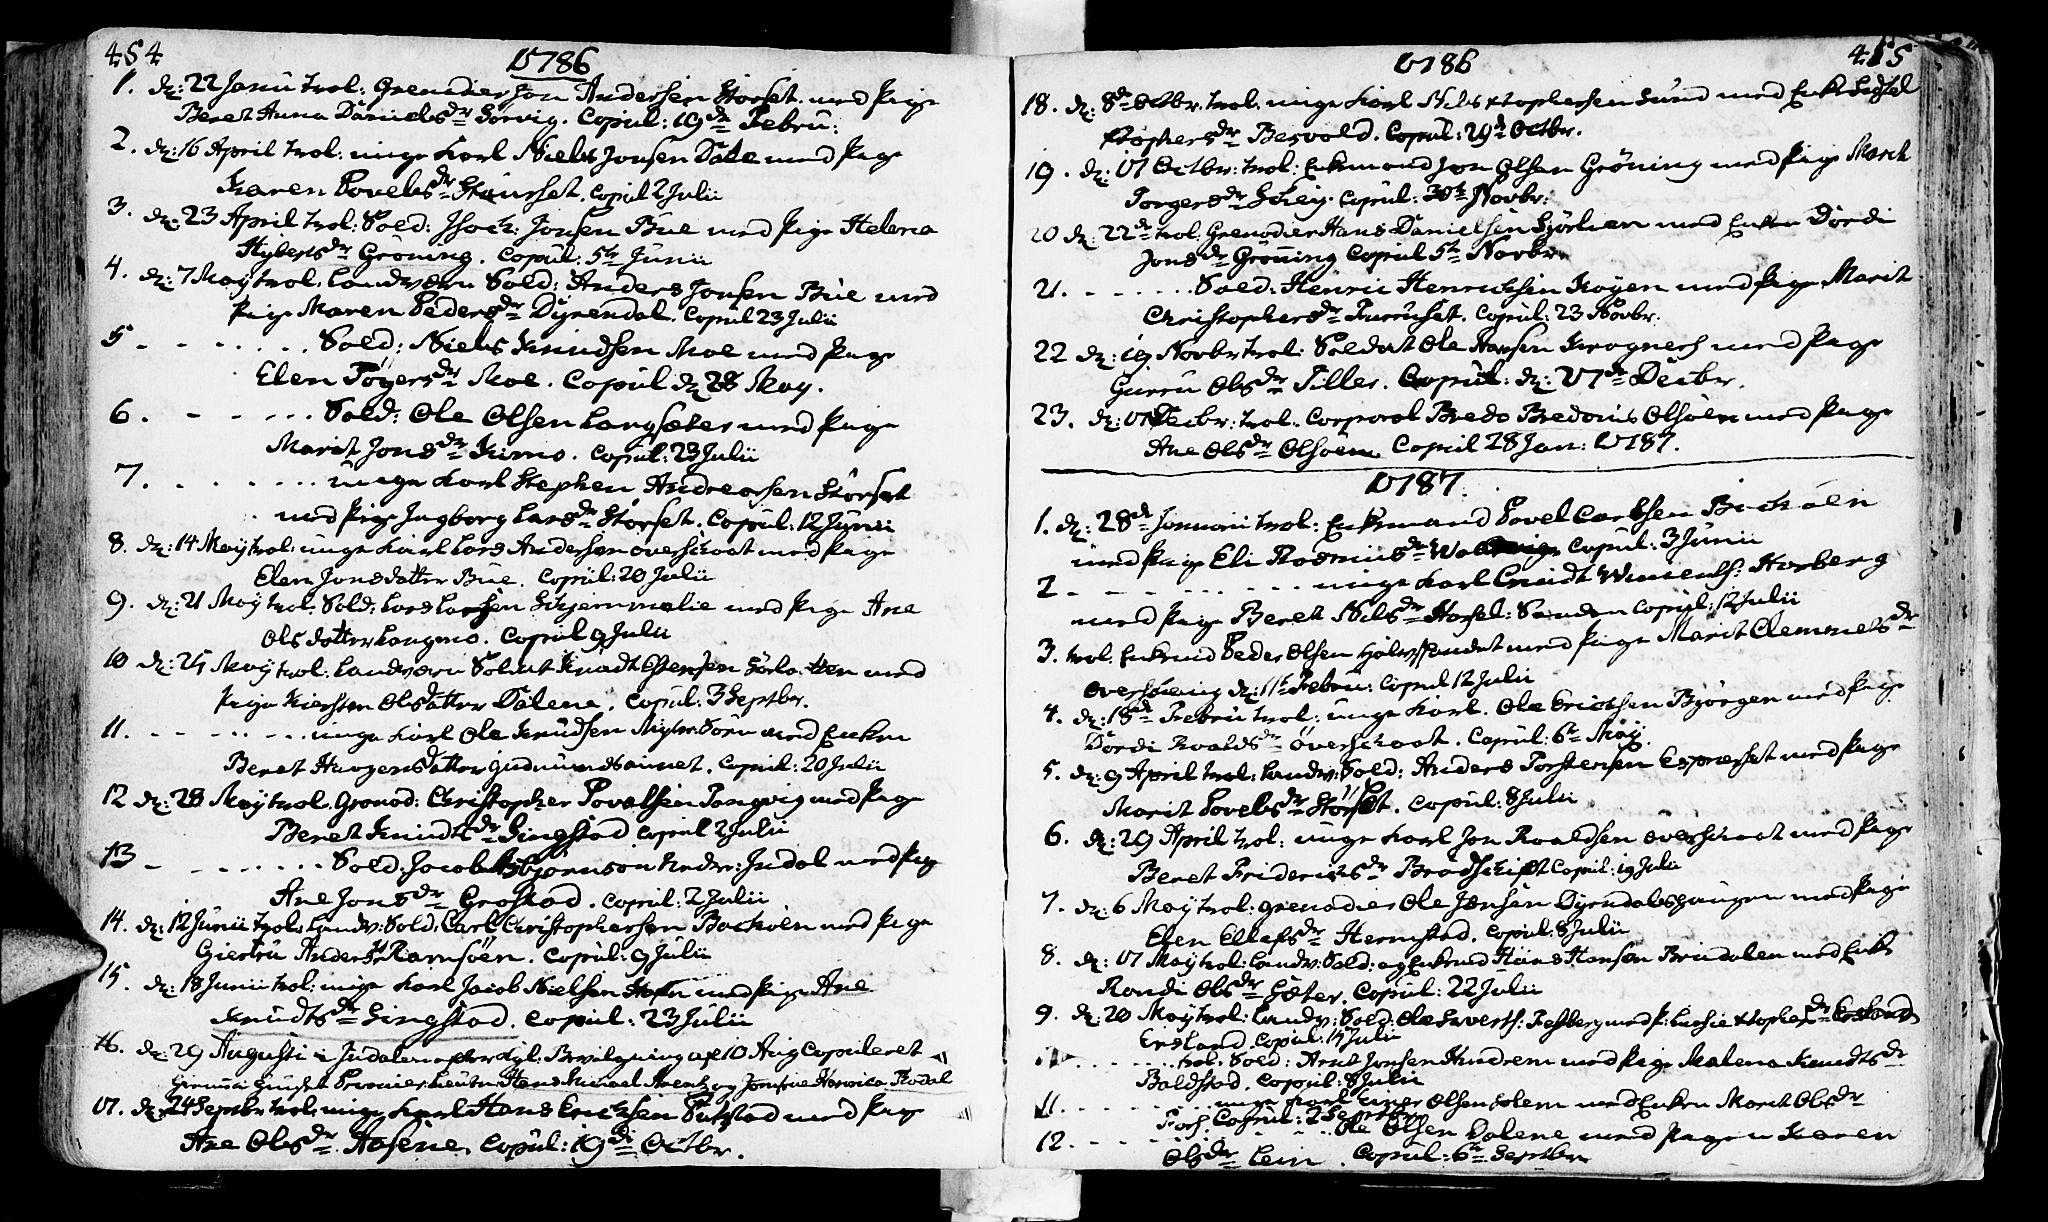 SAT, Ministerialprotokoller, klokkerbøker og fødselsregistre - Sør-Trøndelag, 646/L0605: Ministerialbok nr. 646A03, 1751-1790, s. 454-455